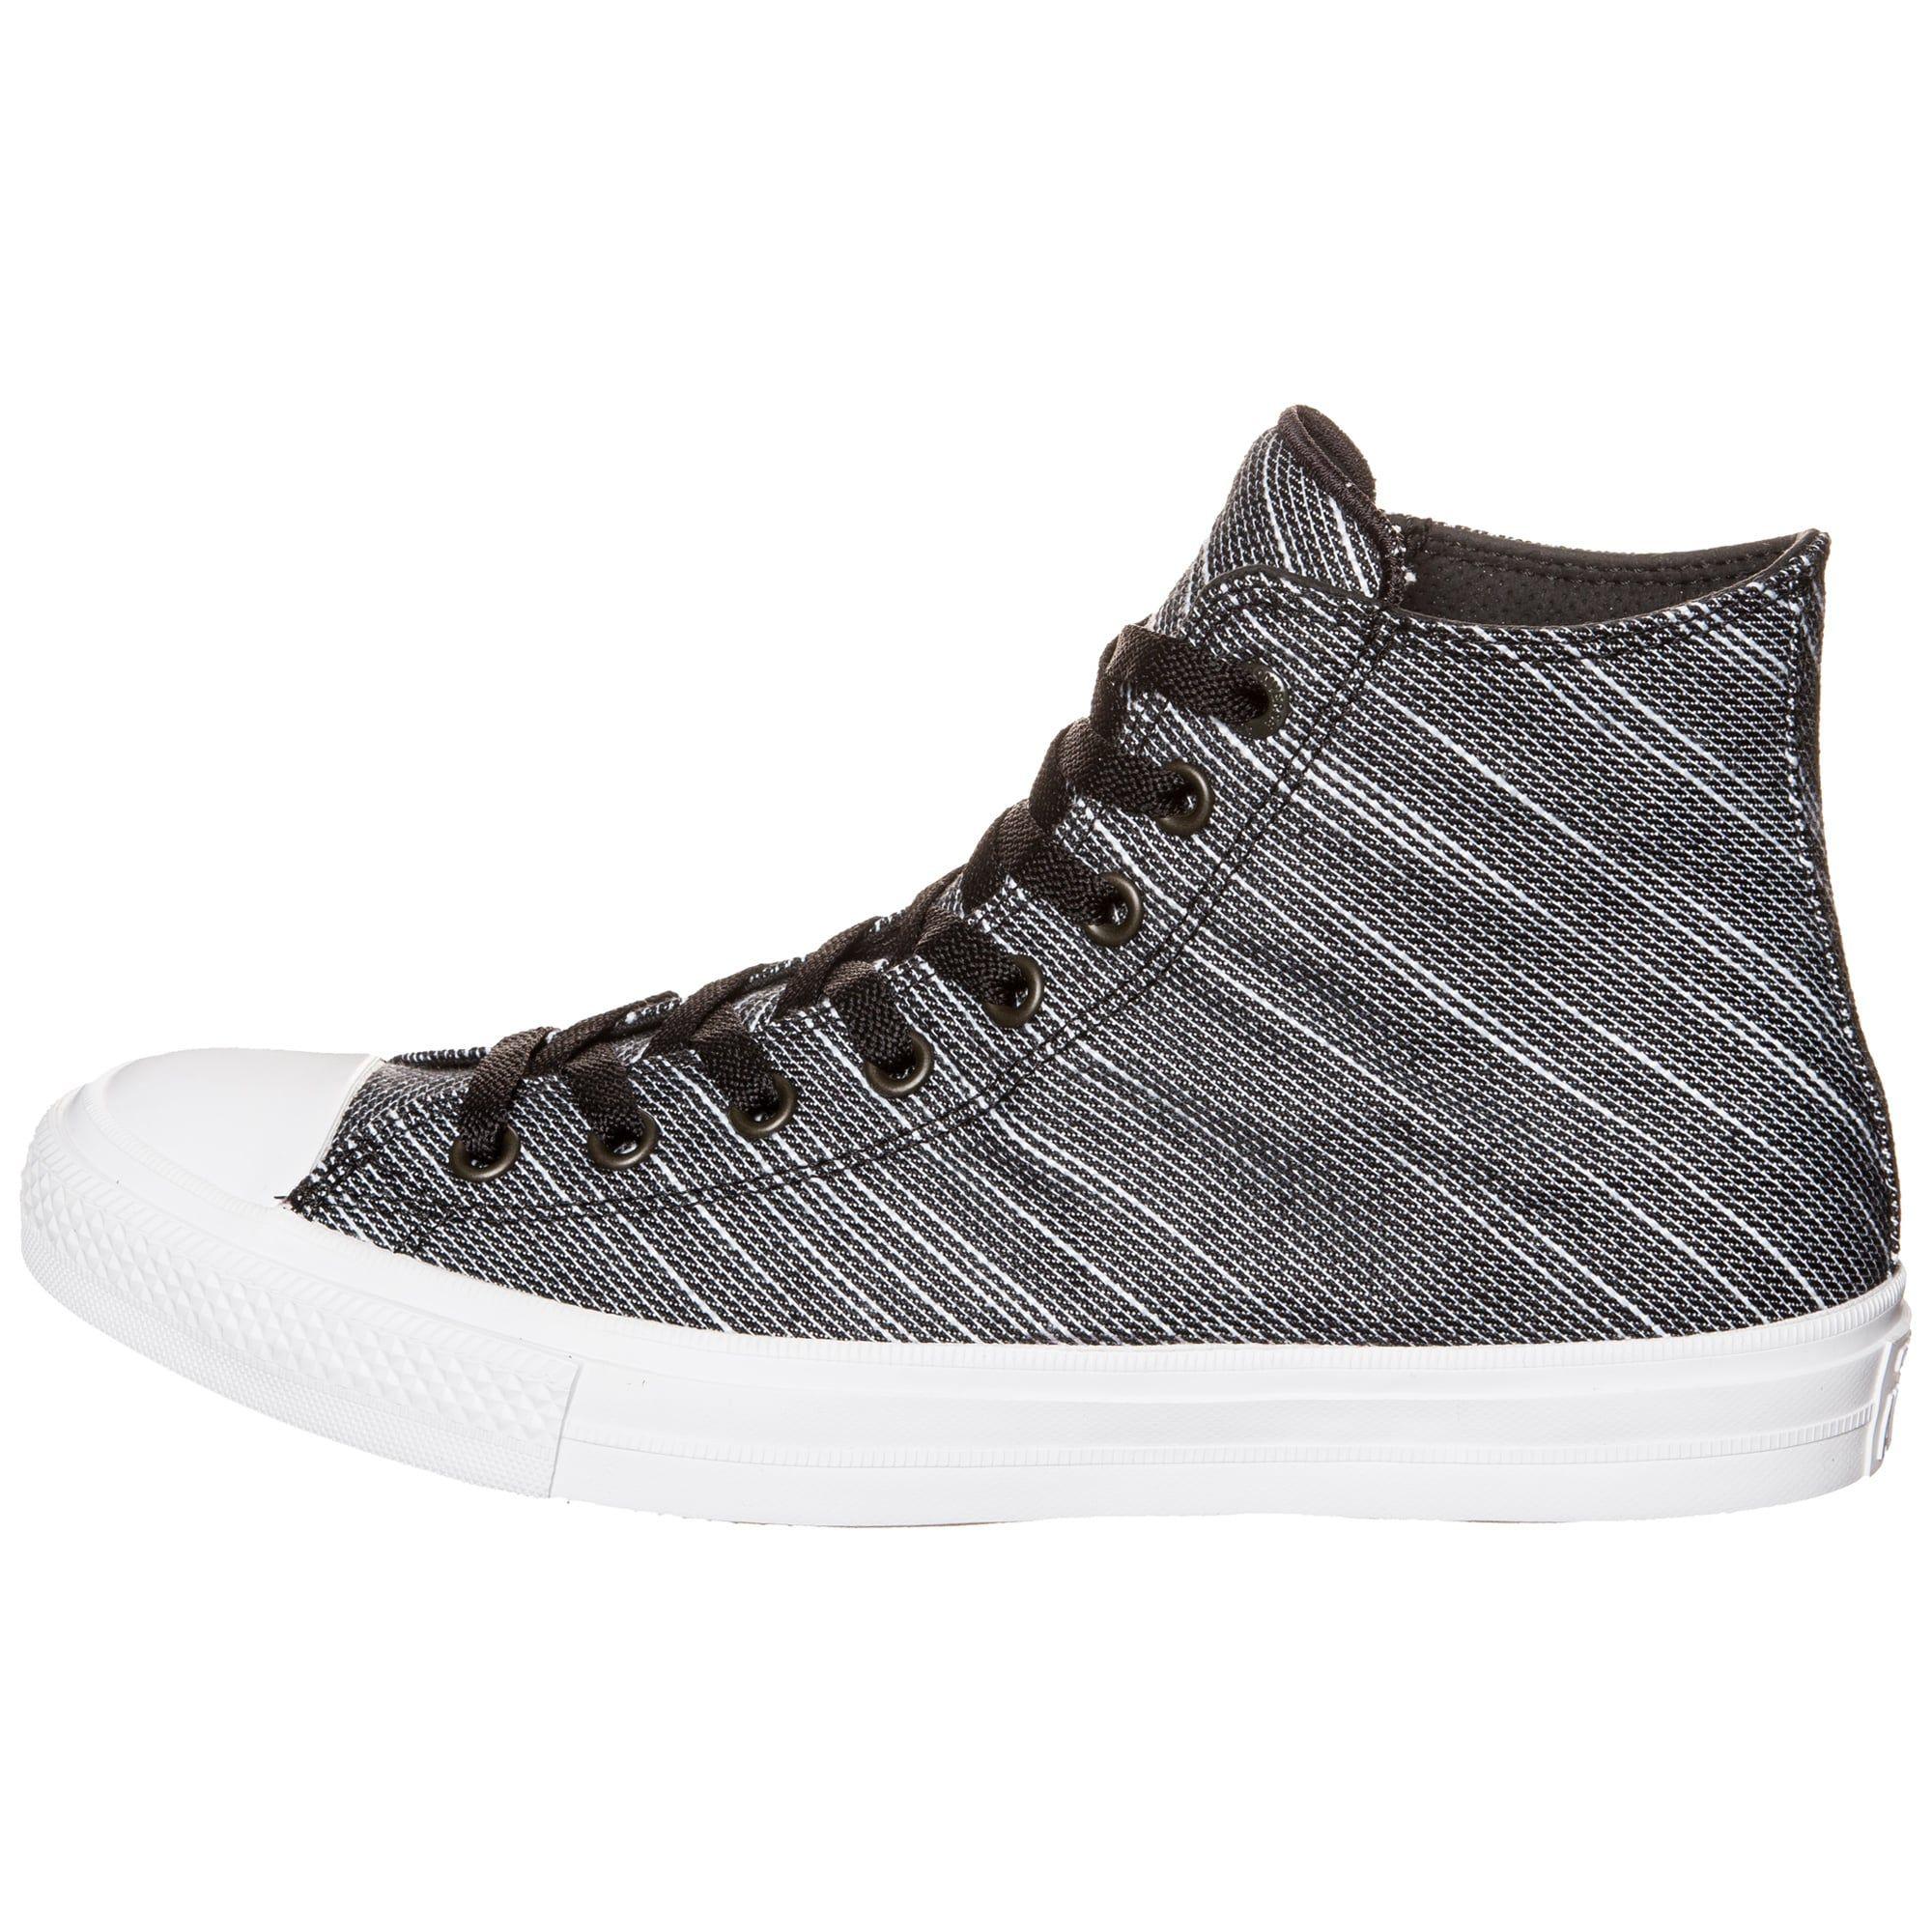 CONVERSE Chuck Taylor All Star II High Sneaker Herren